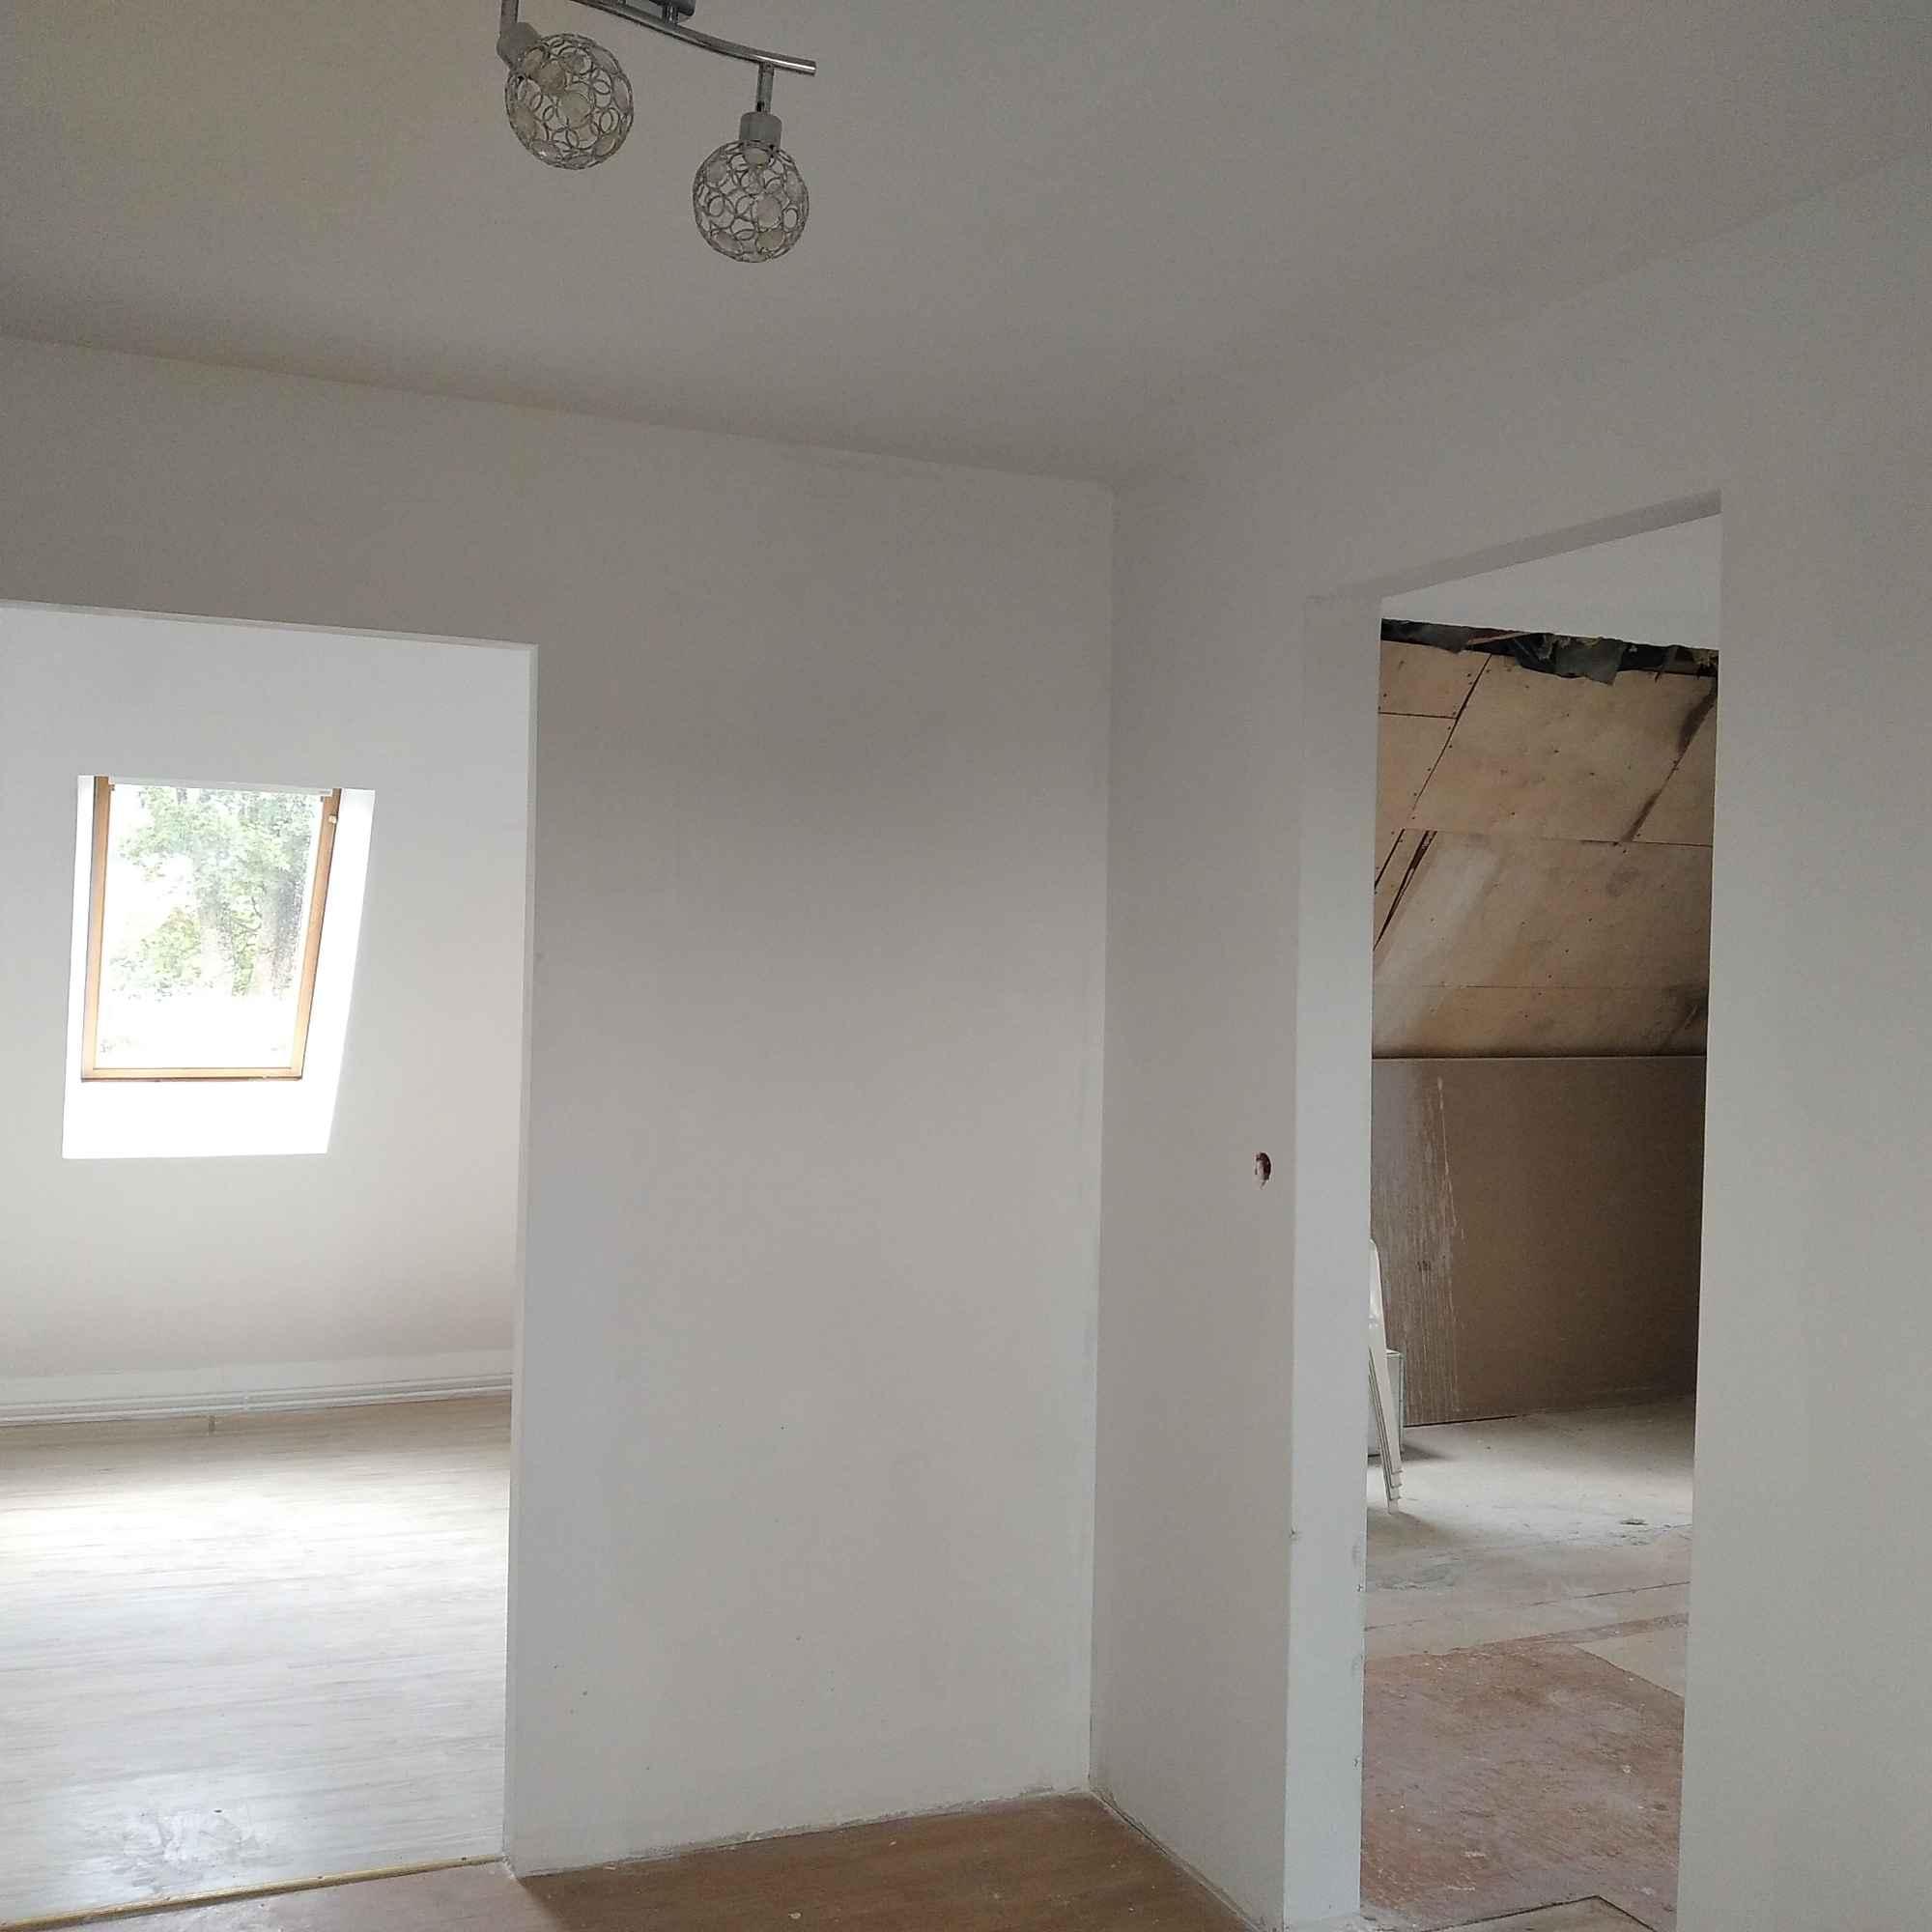 Bezczynszowe mieszkanie tanio 65900 Chociwel - zdjęcie 1